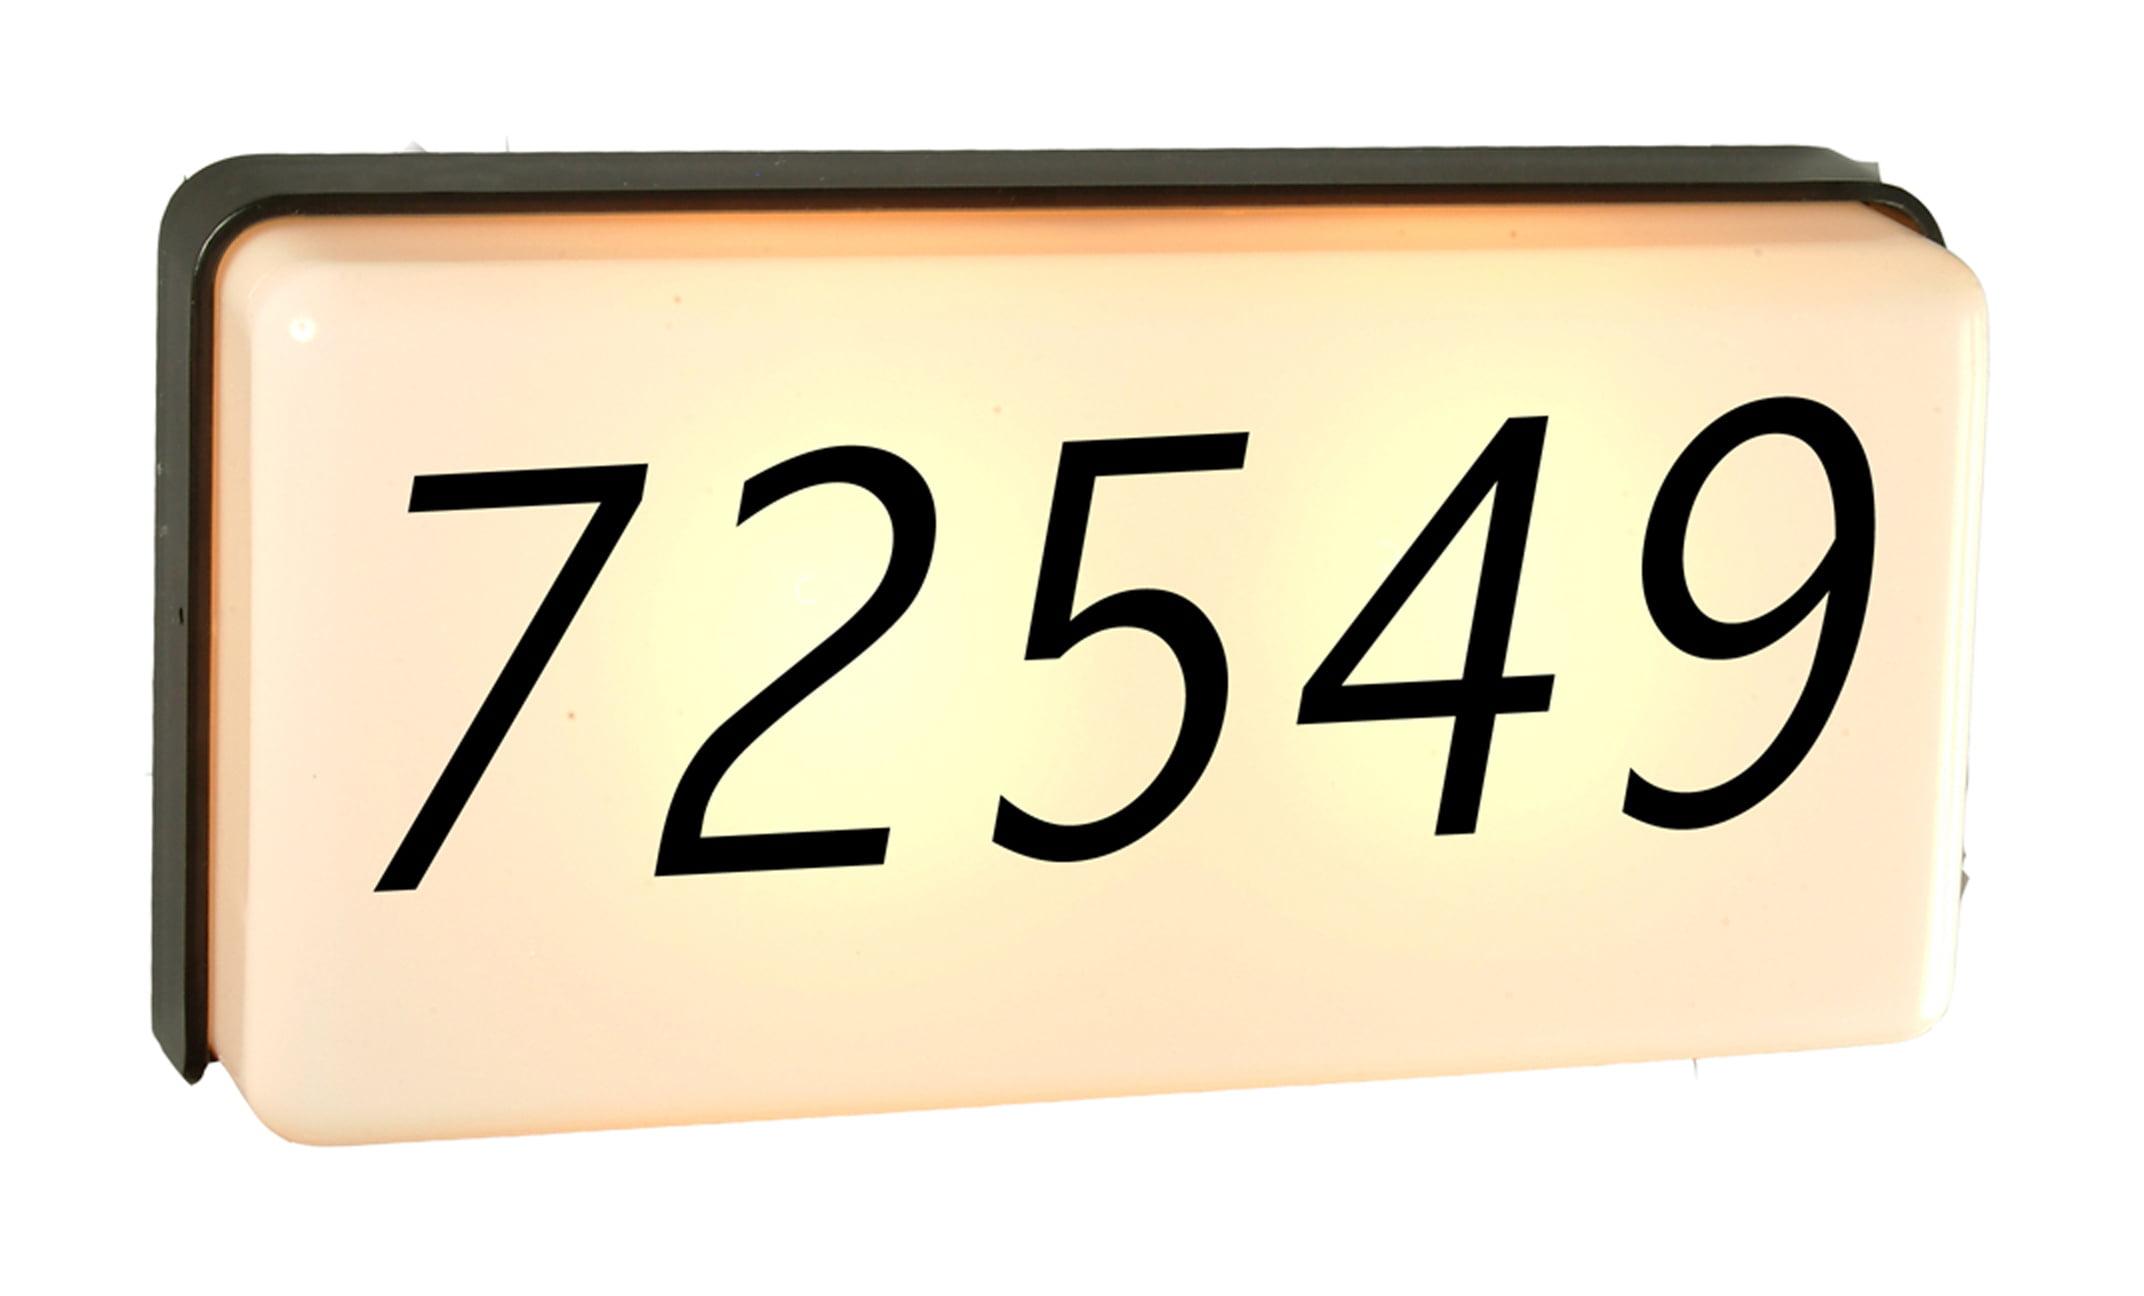 Westek AL301B Outdoor Low Voltage Address Light by Amertac